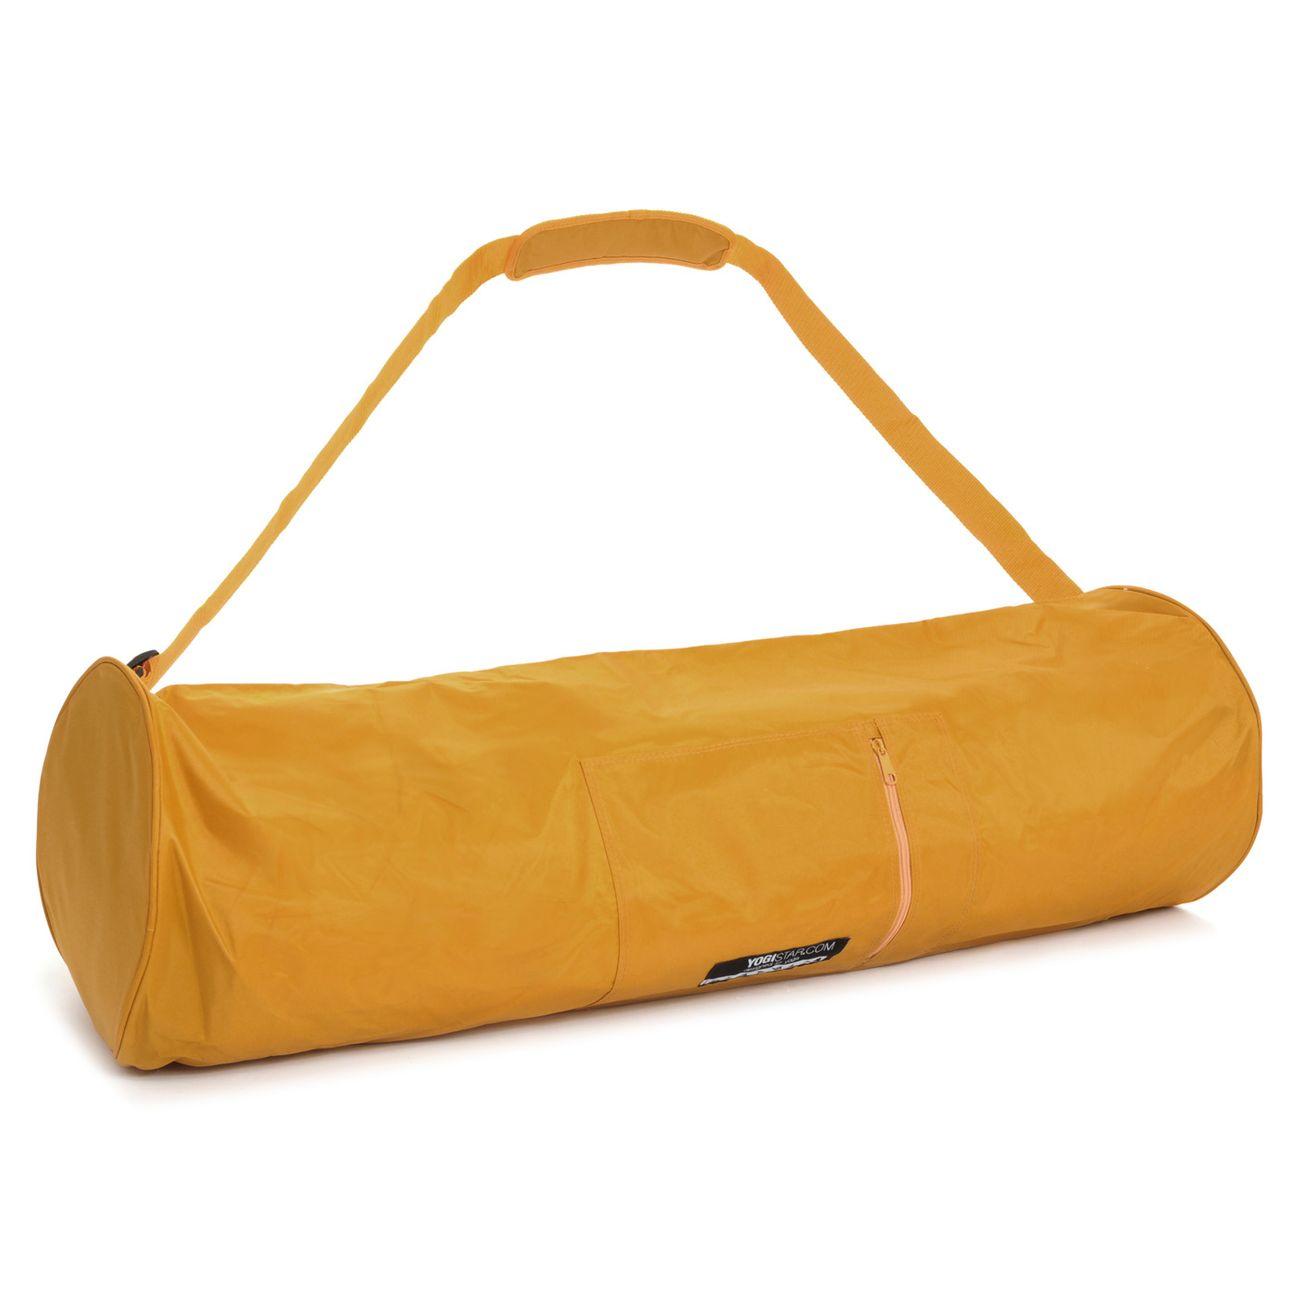 Yoga  YOGISTAR Sac de yoga basic - zip - extra big - nylon - 80 cm safran